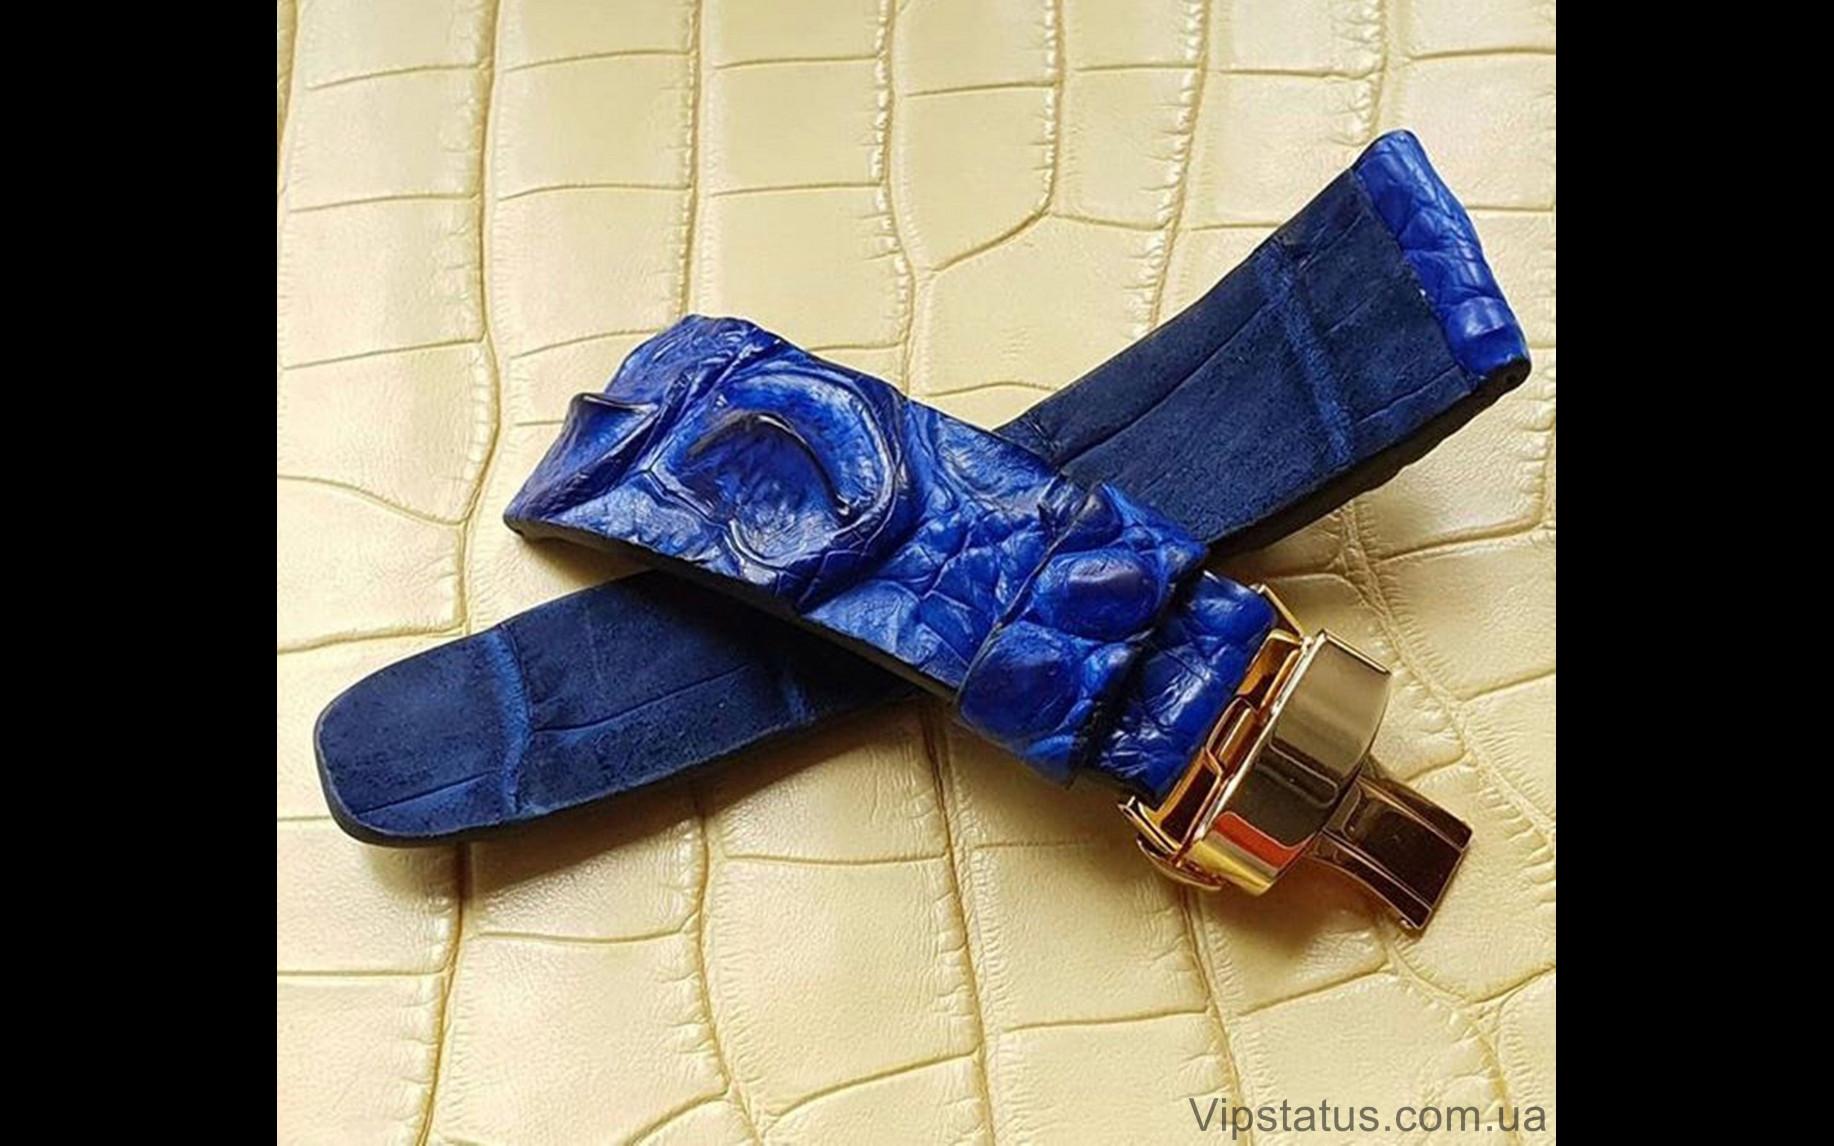 Elite Брутальный ремешок для часов IWC кожа крокодила Brutal Crocodile Strap for IWC watches image 3